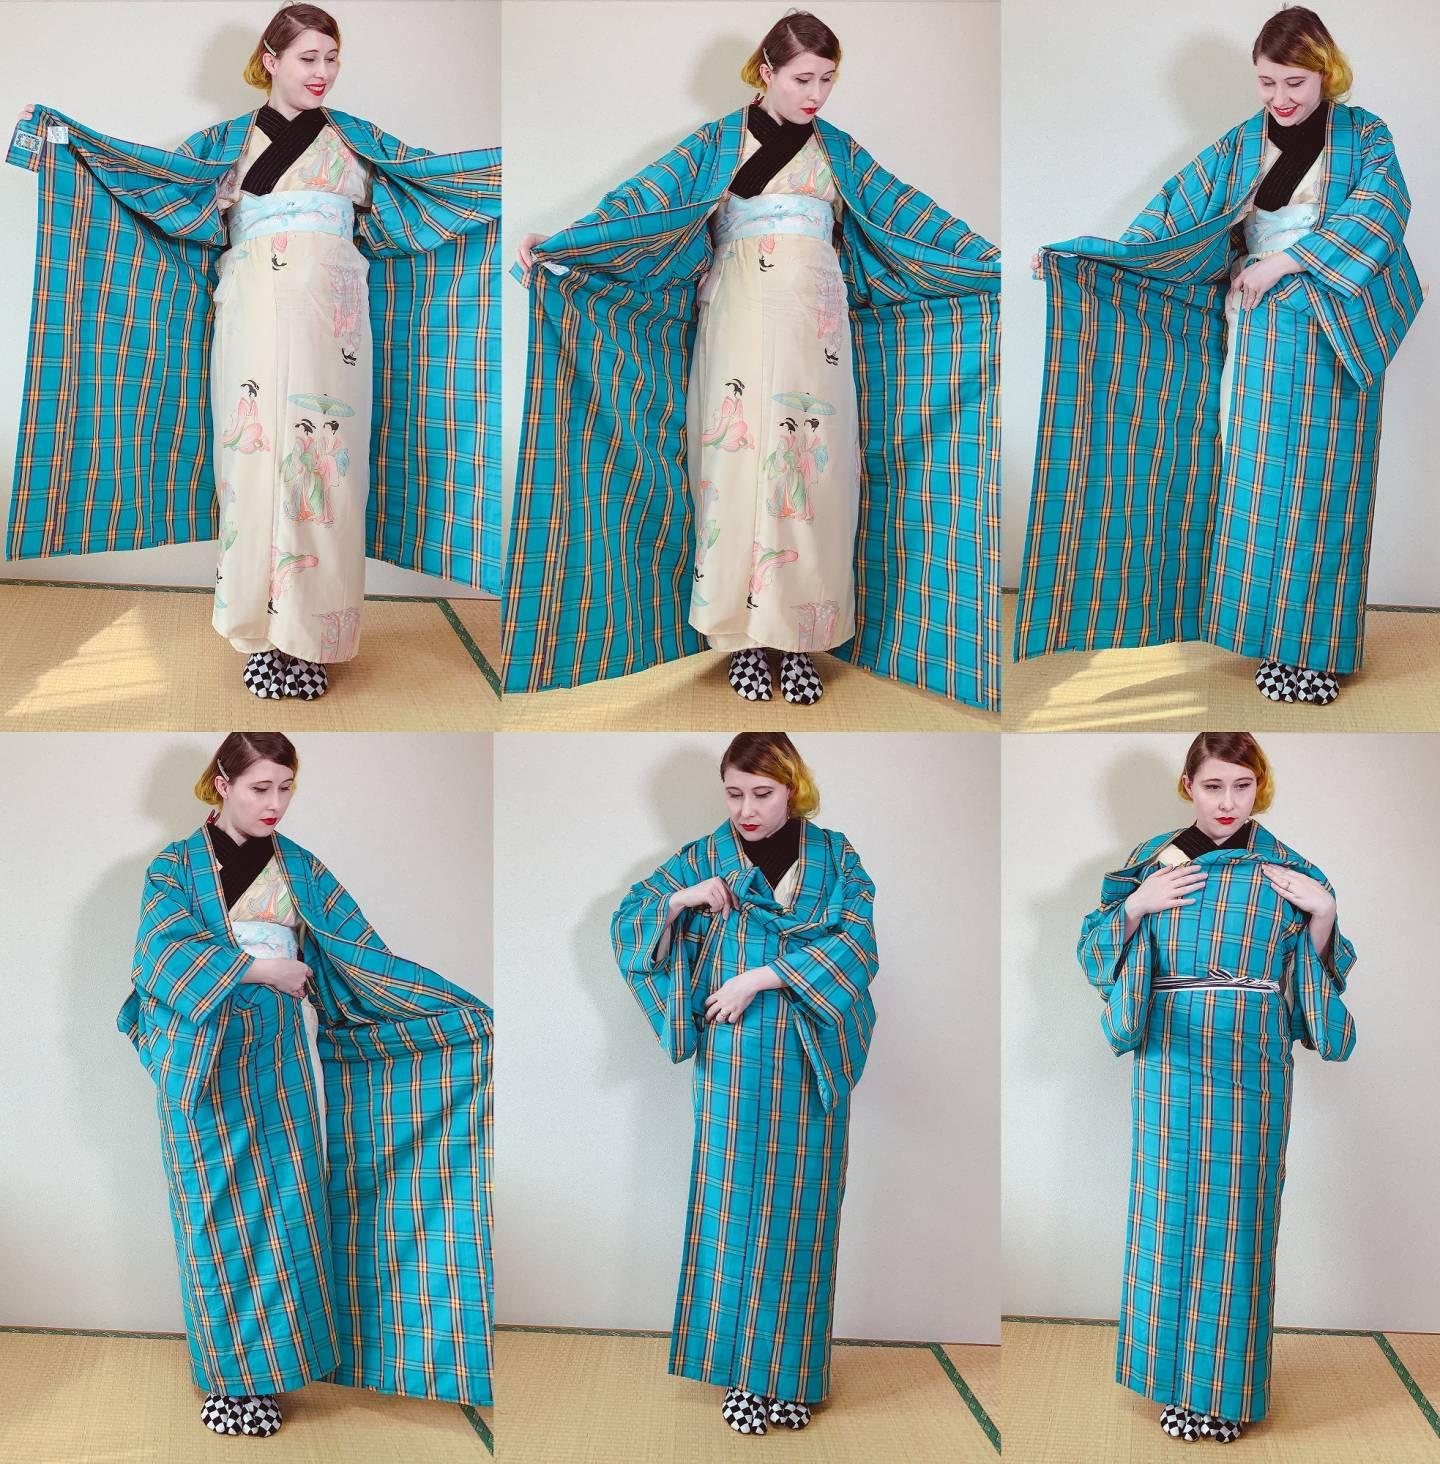 Schritt 3 beim Kimono-Anziehen